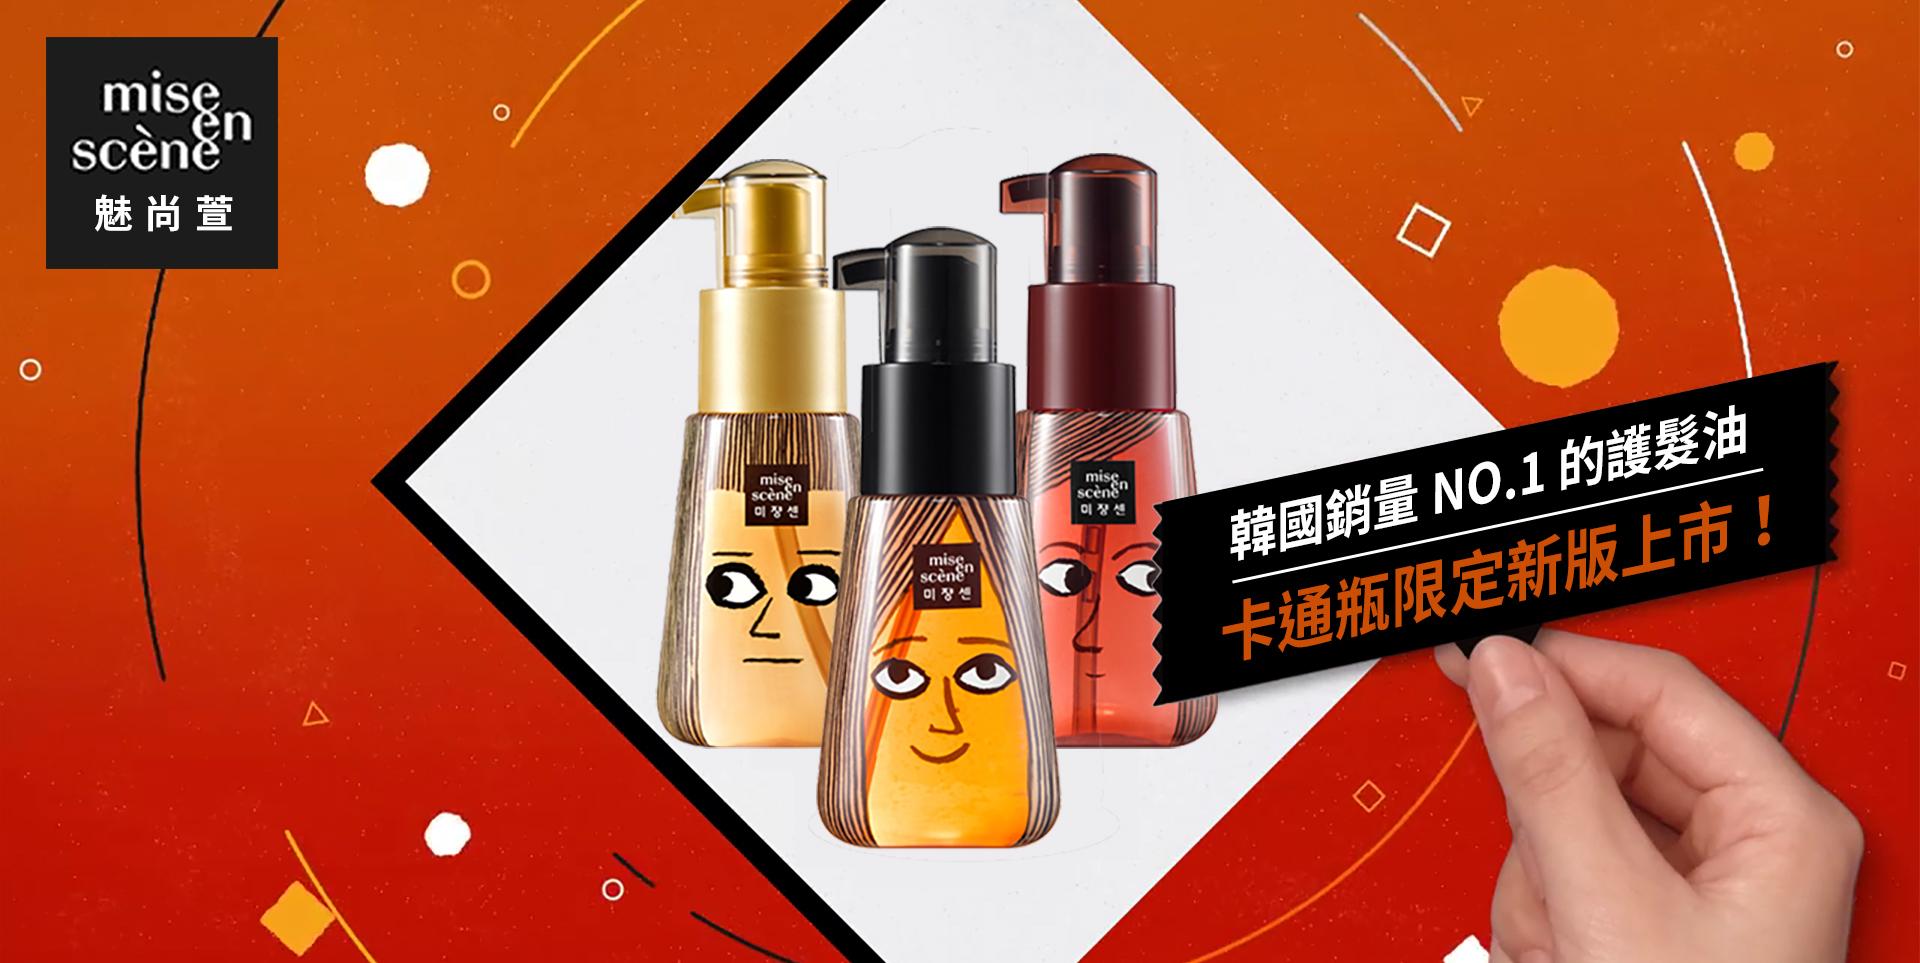 魅尚宣 mise en scene 韓國銷量no.1的護髮油